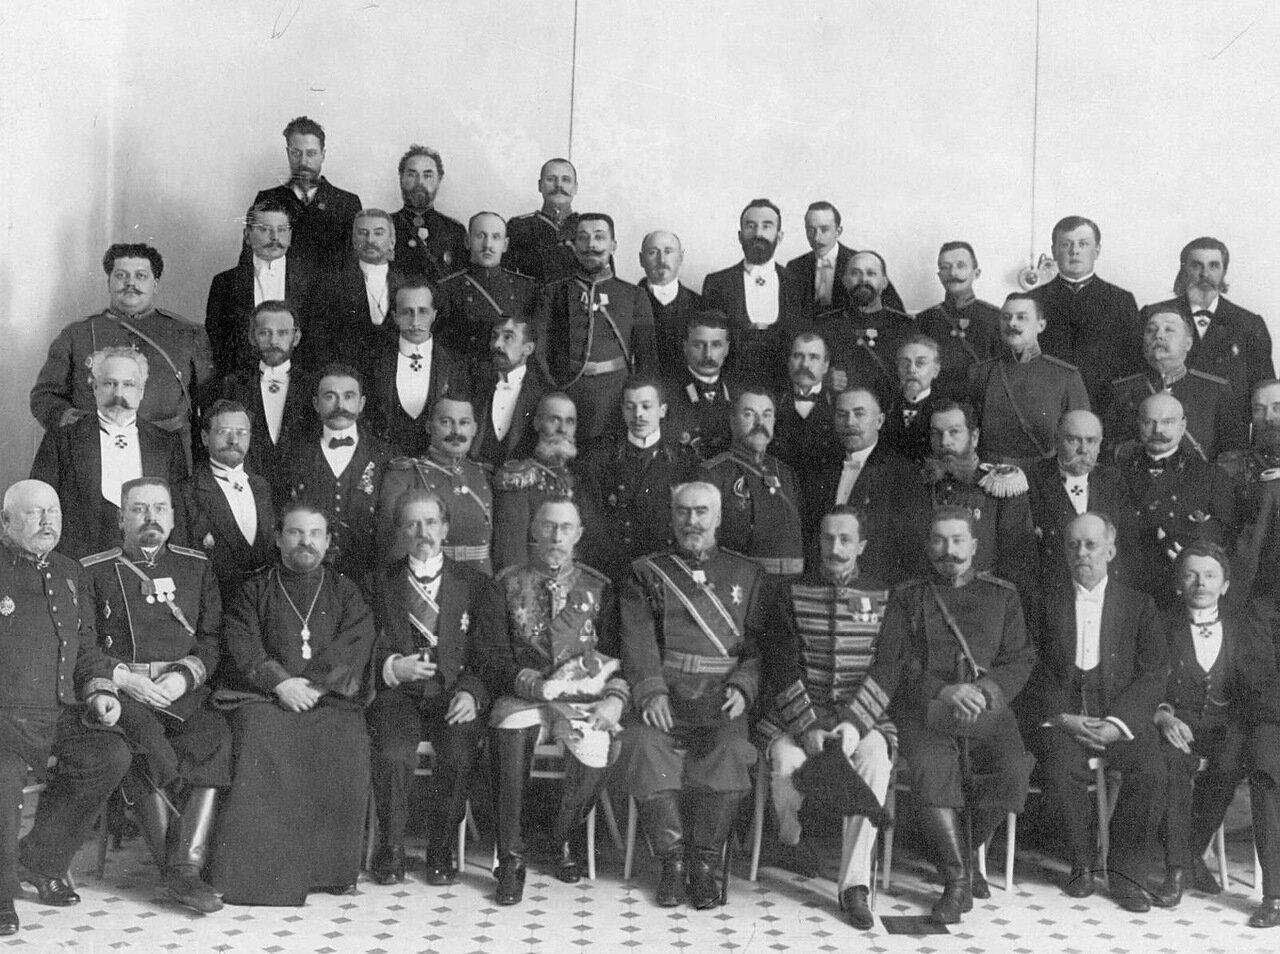 Группа сотрудников тюрьмы с генералами и чиновниками Министерства внутренних дел